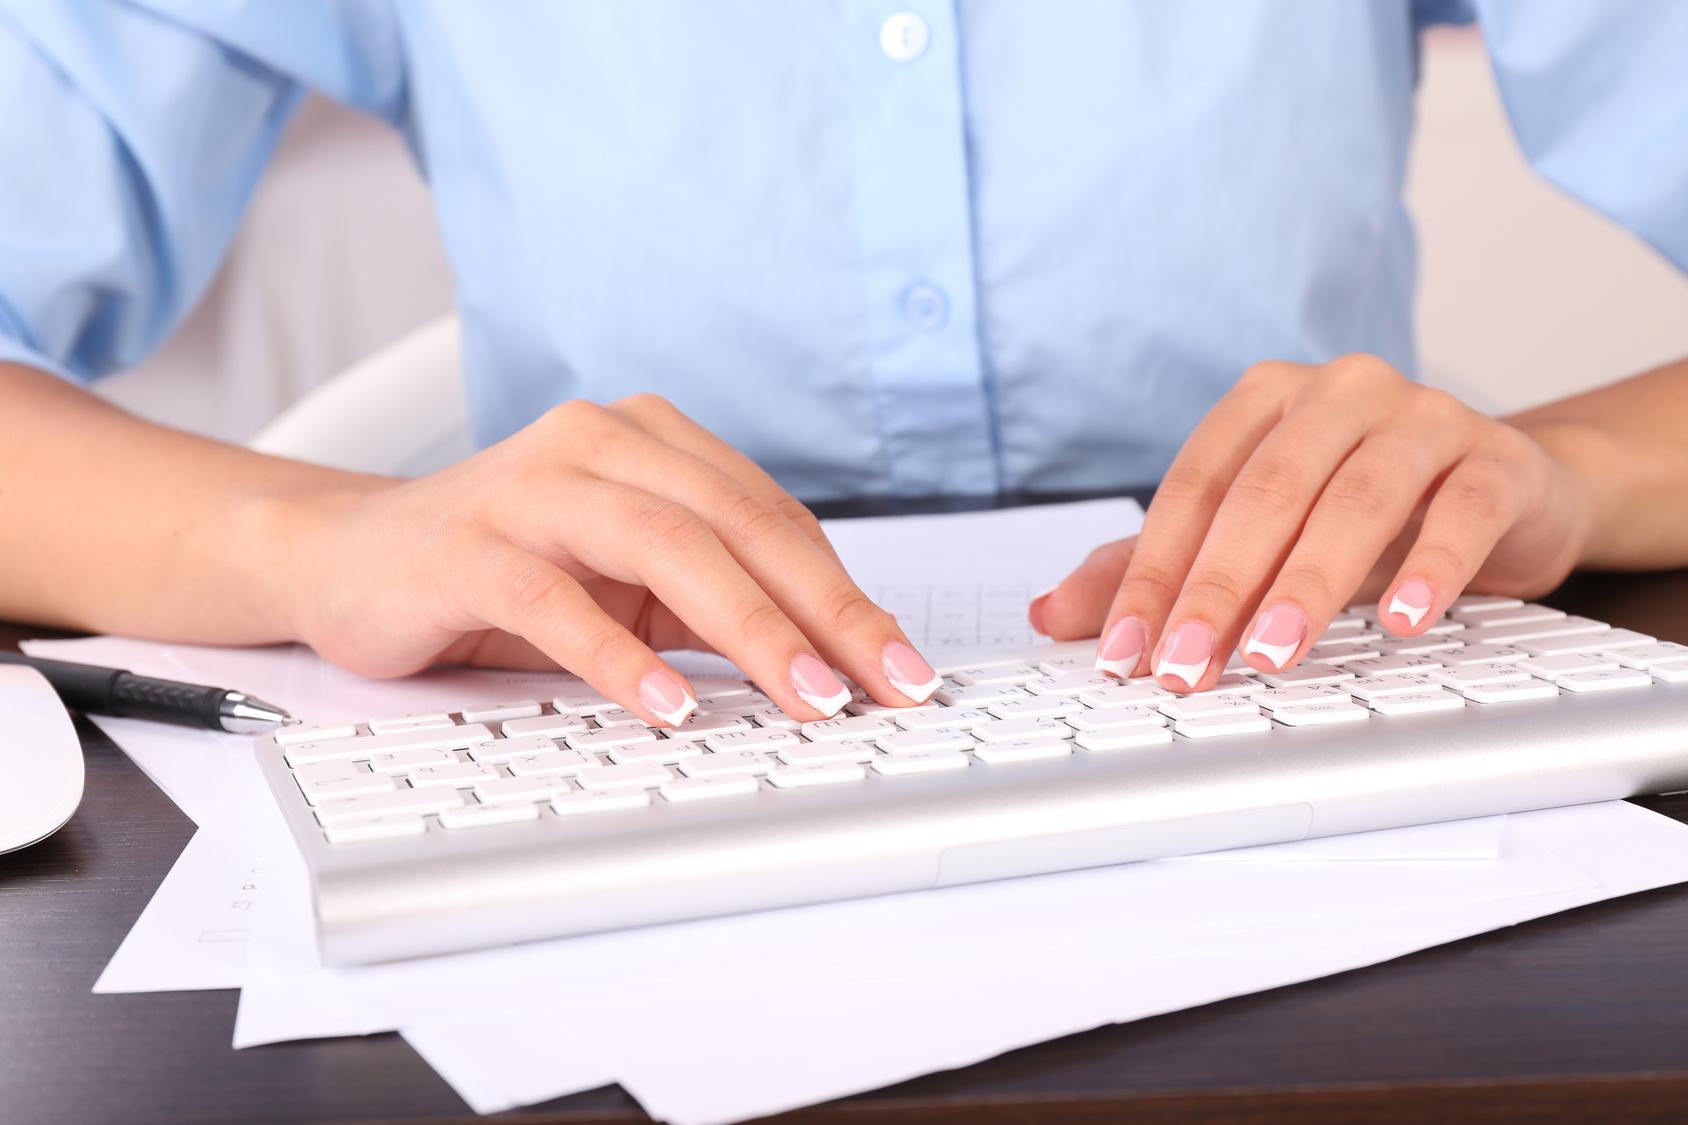 Contatti e recapiti aziendali con telefoni e mail per tutte le vostre necessita di comunicazione con assodigitale - Contatti e dati aziendali - telefoni - mail - IMPRESSUM